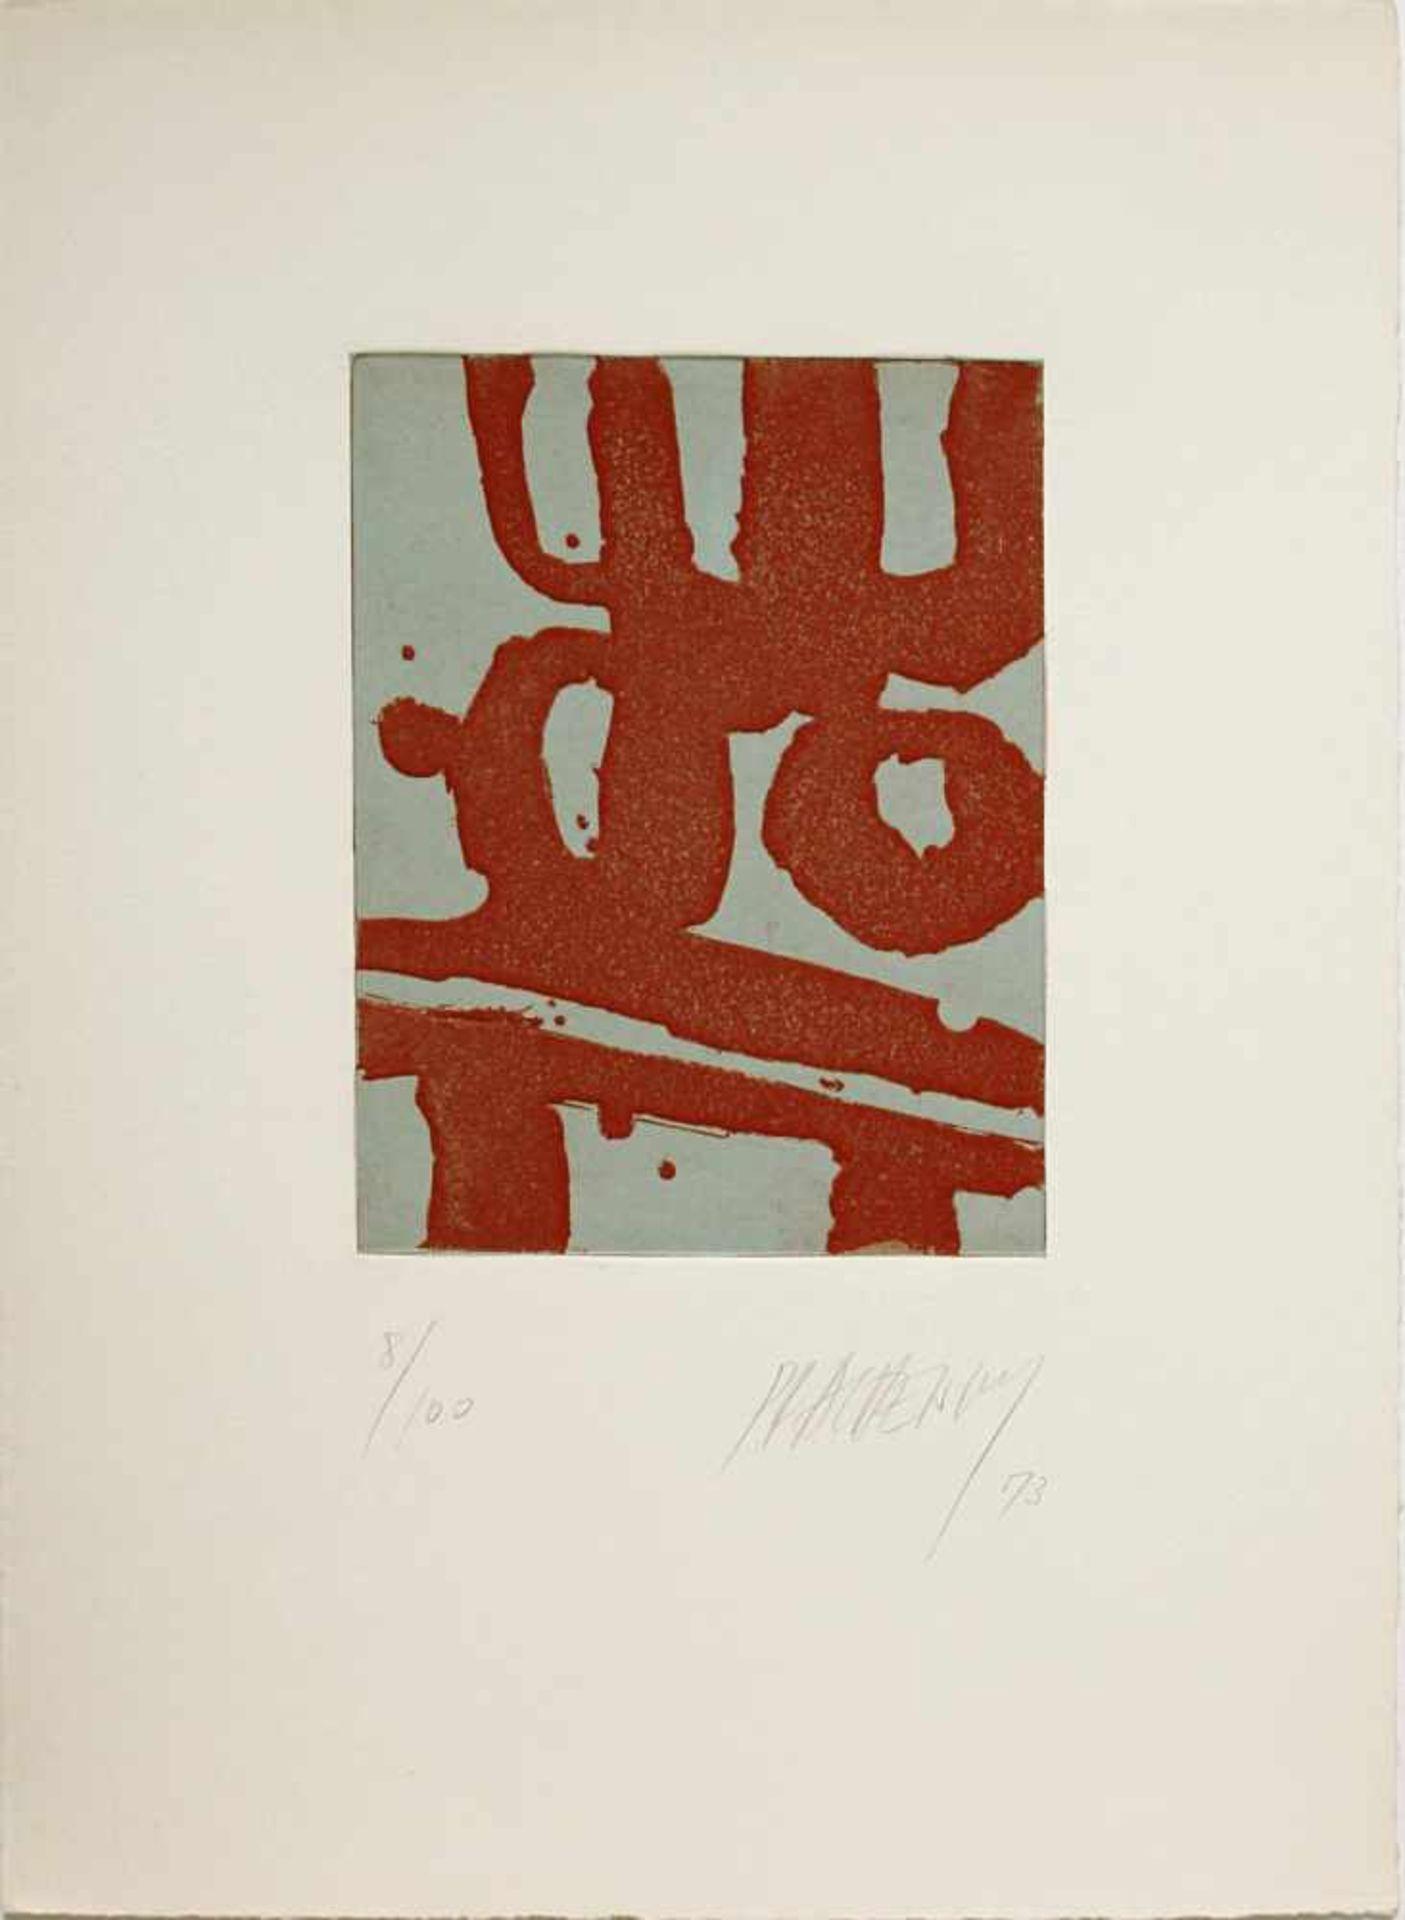 Markus Prachensky 1932-2011 o.T. 1973 Farbradierung handsigniert und nummeriert 55/100 34,5 x 25 cm